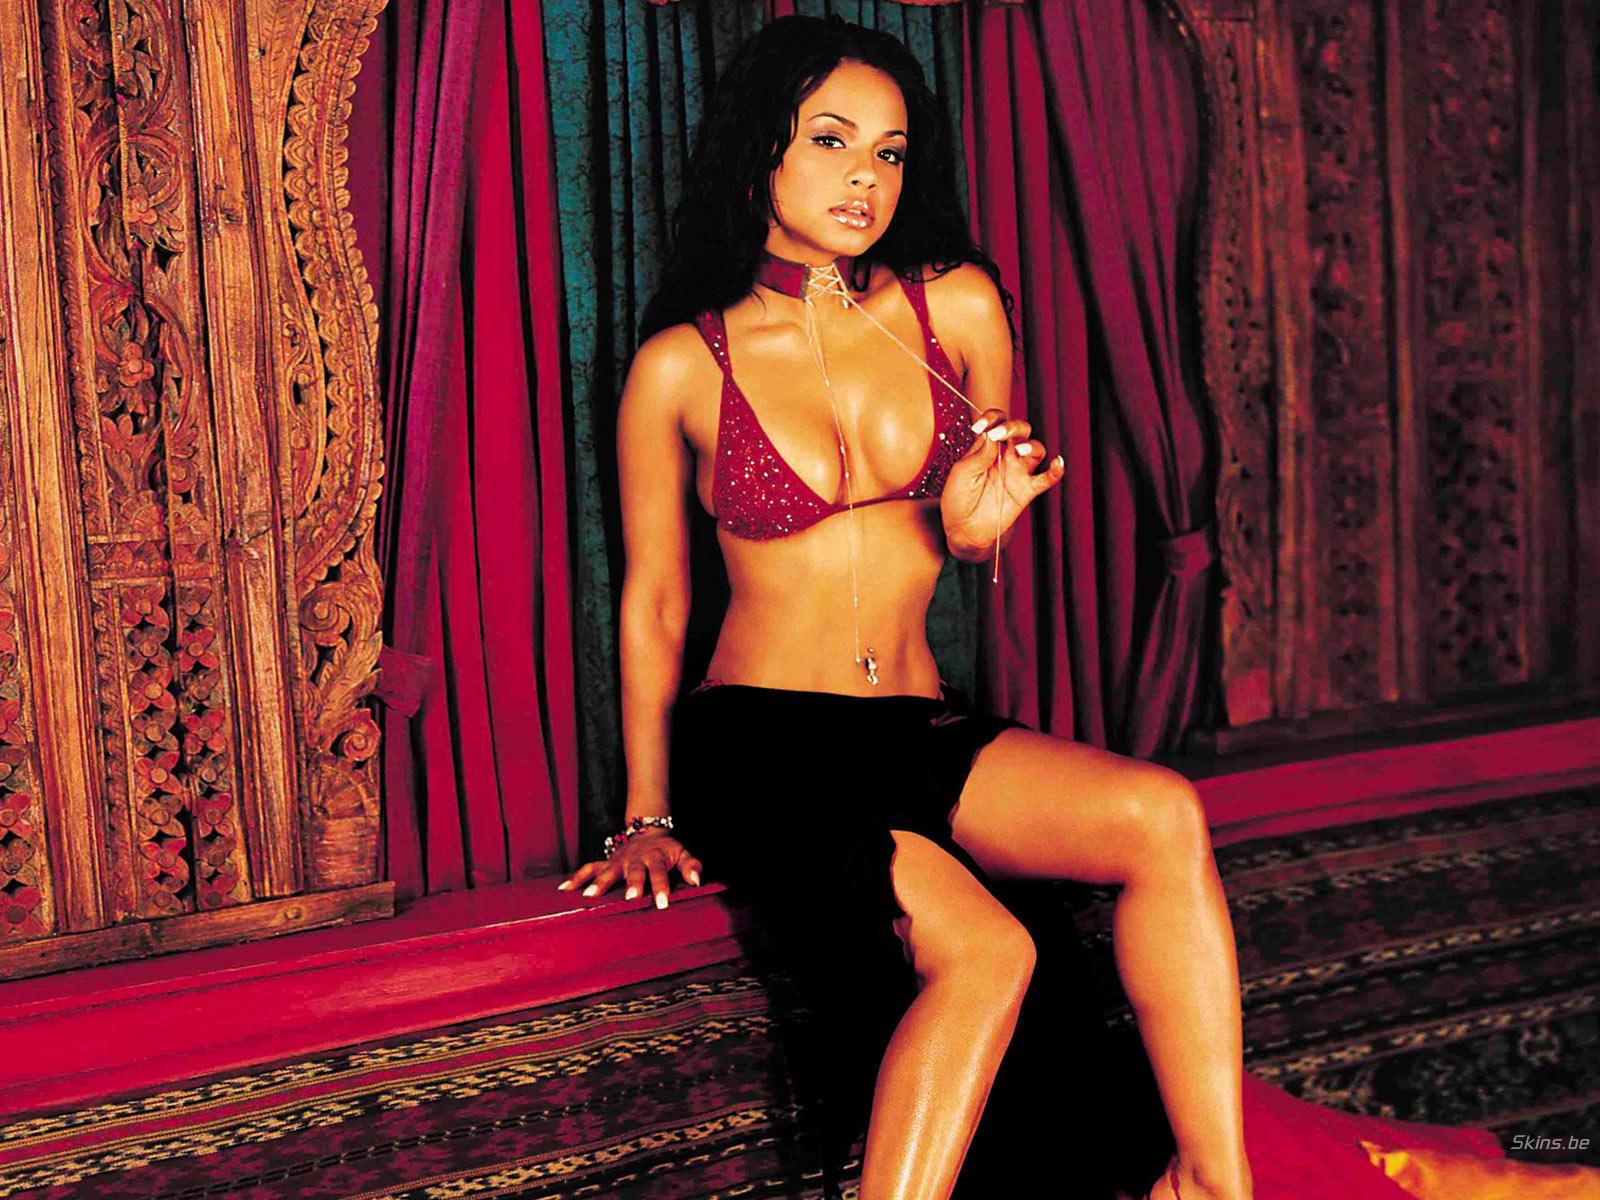 http://1.bp.blogspot.com/_GCAuqodmOE4/TTZ7_qle5qI/AAAAAAAAHMY/IKcdaR8CFP4/s1600/Christina+Milian+%25281%2529.jpg